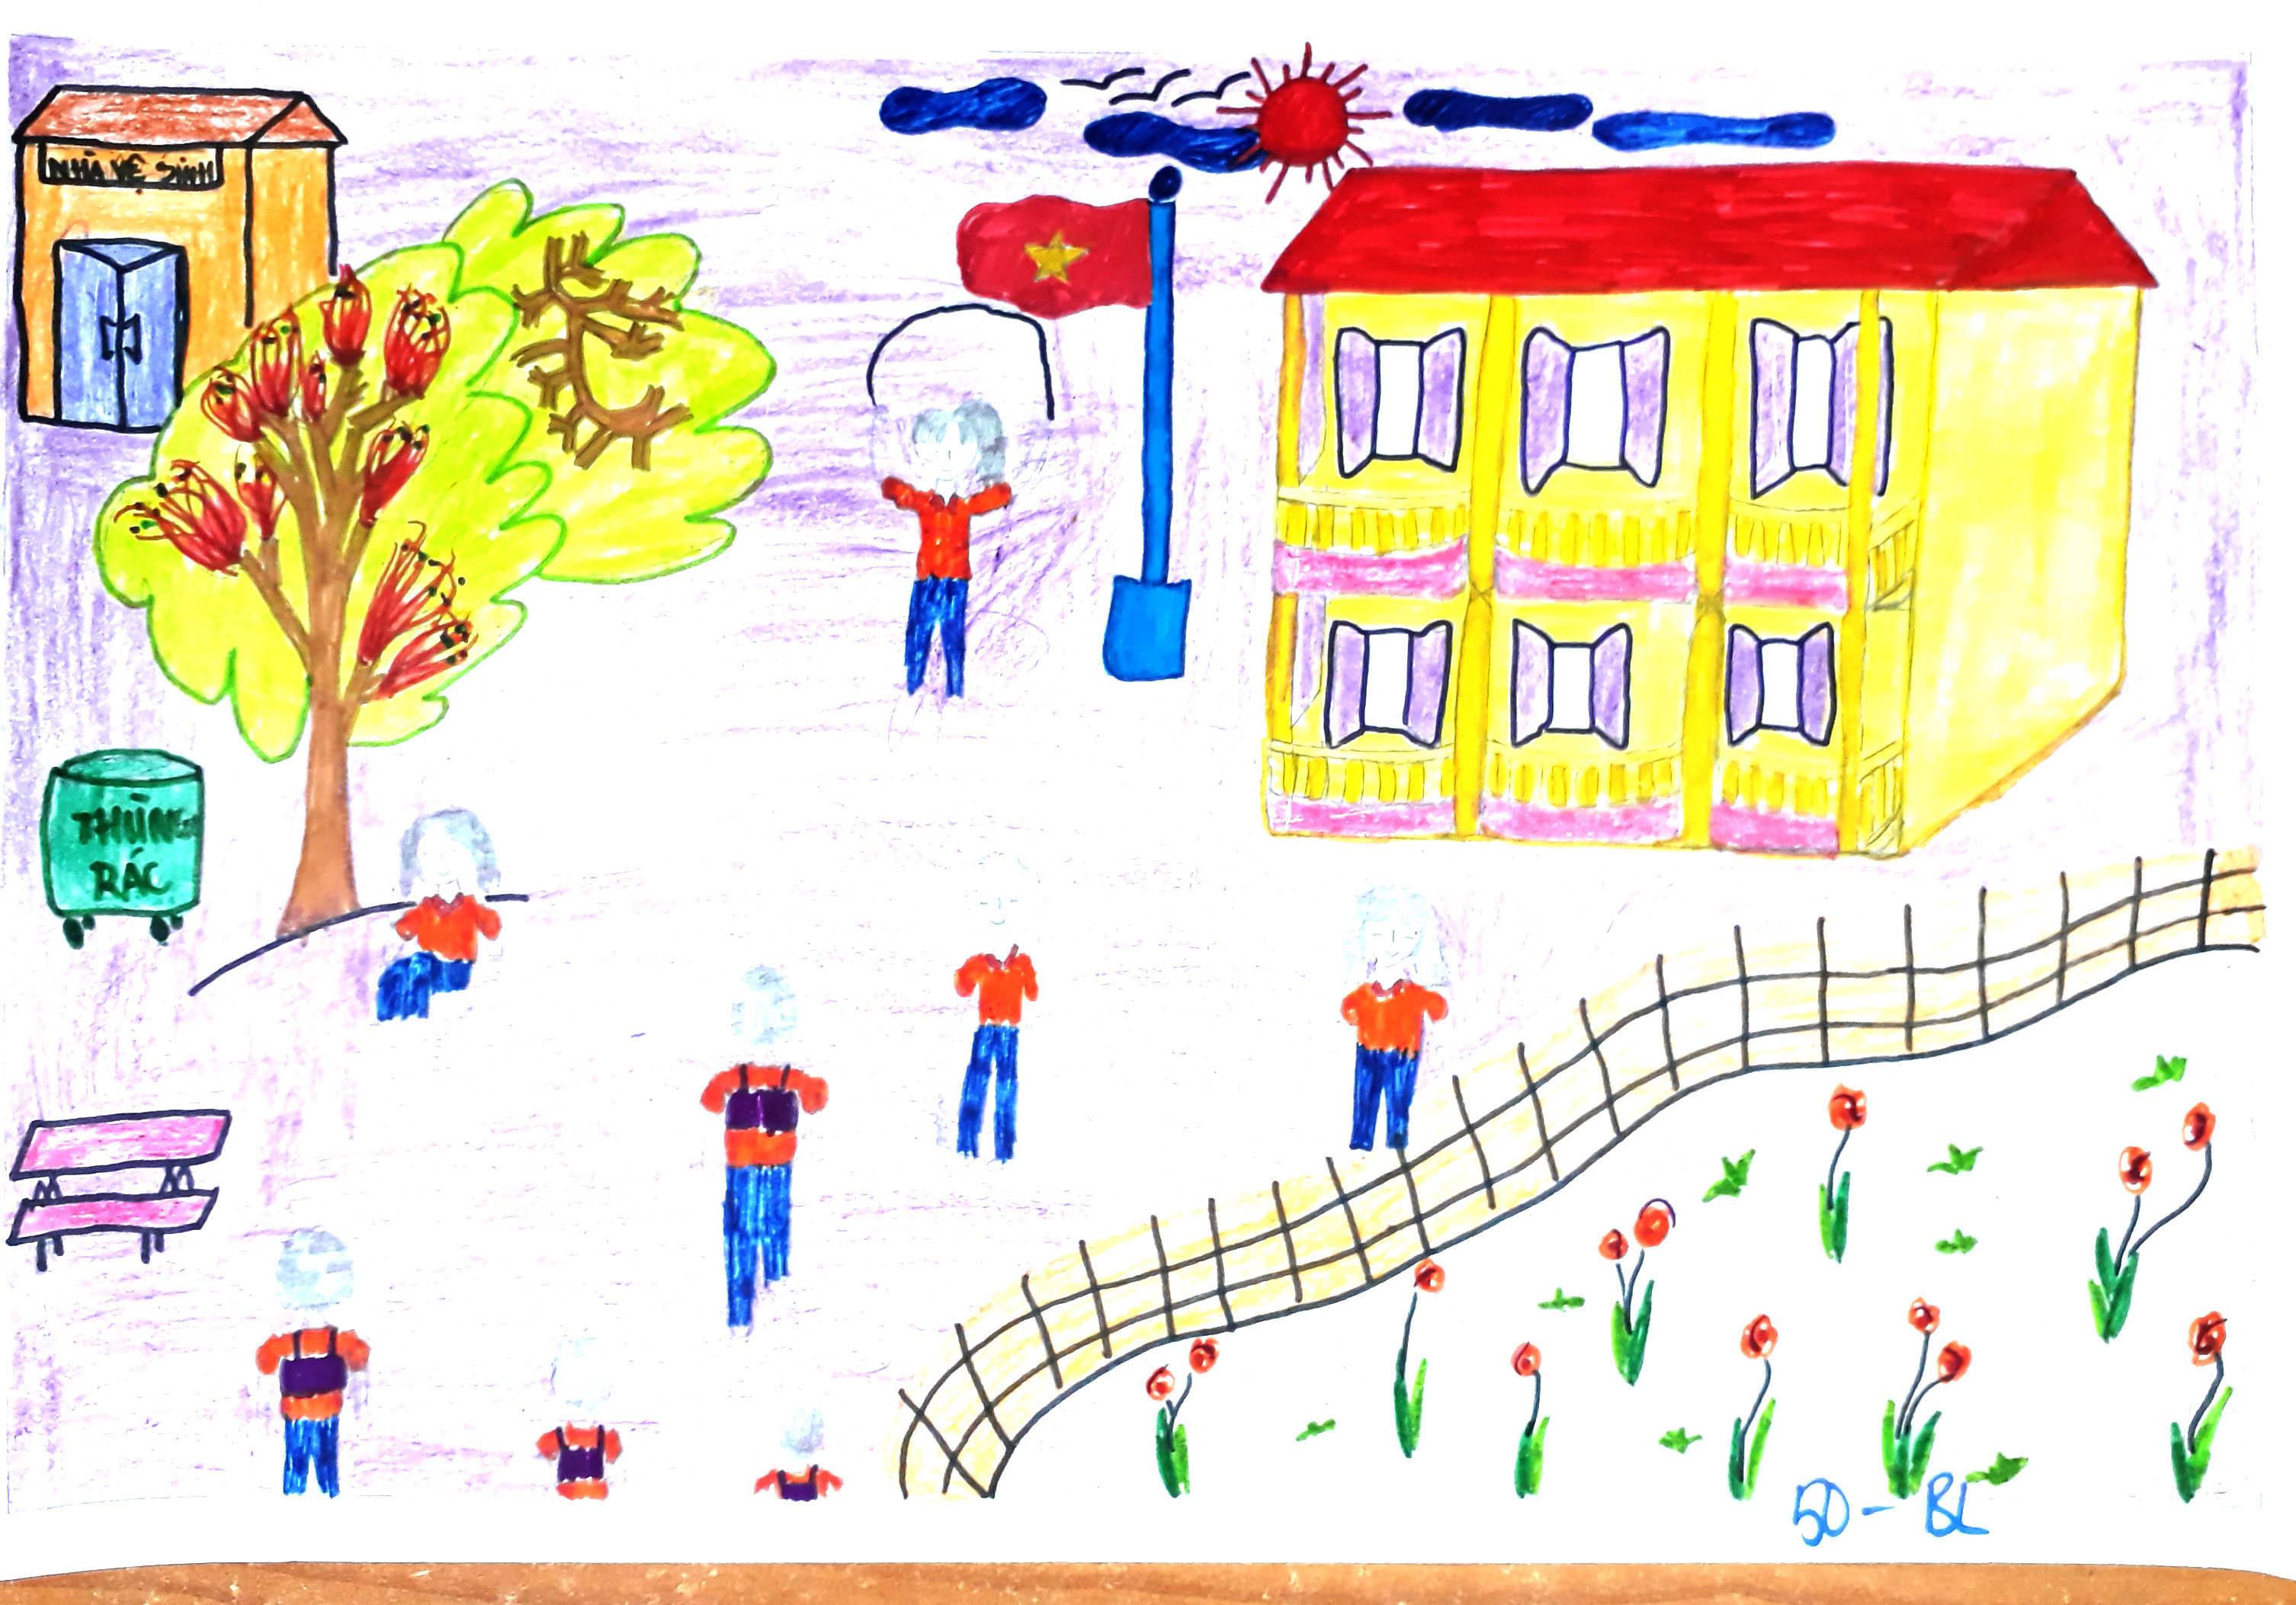 Nguyễn Thị Hồng Đoan